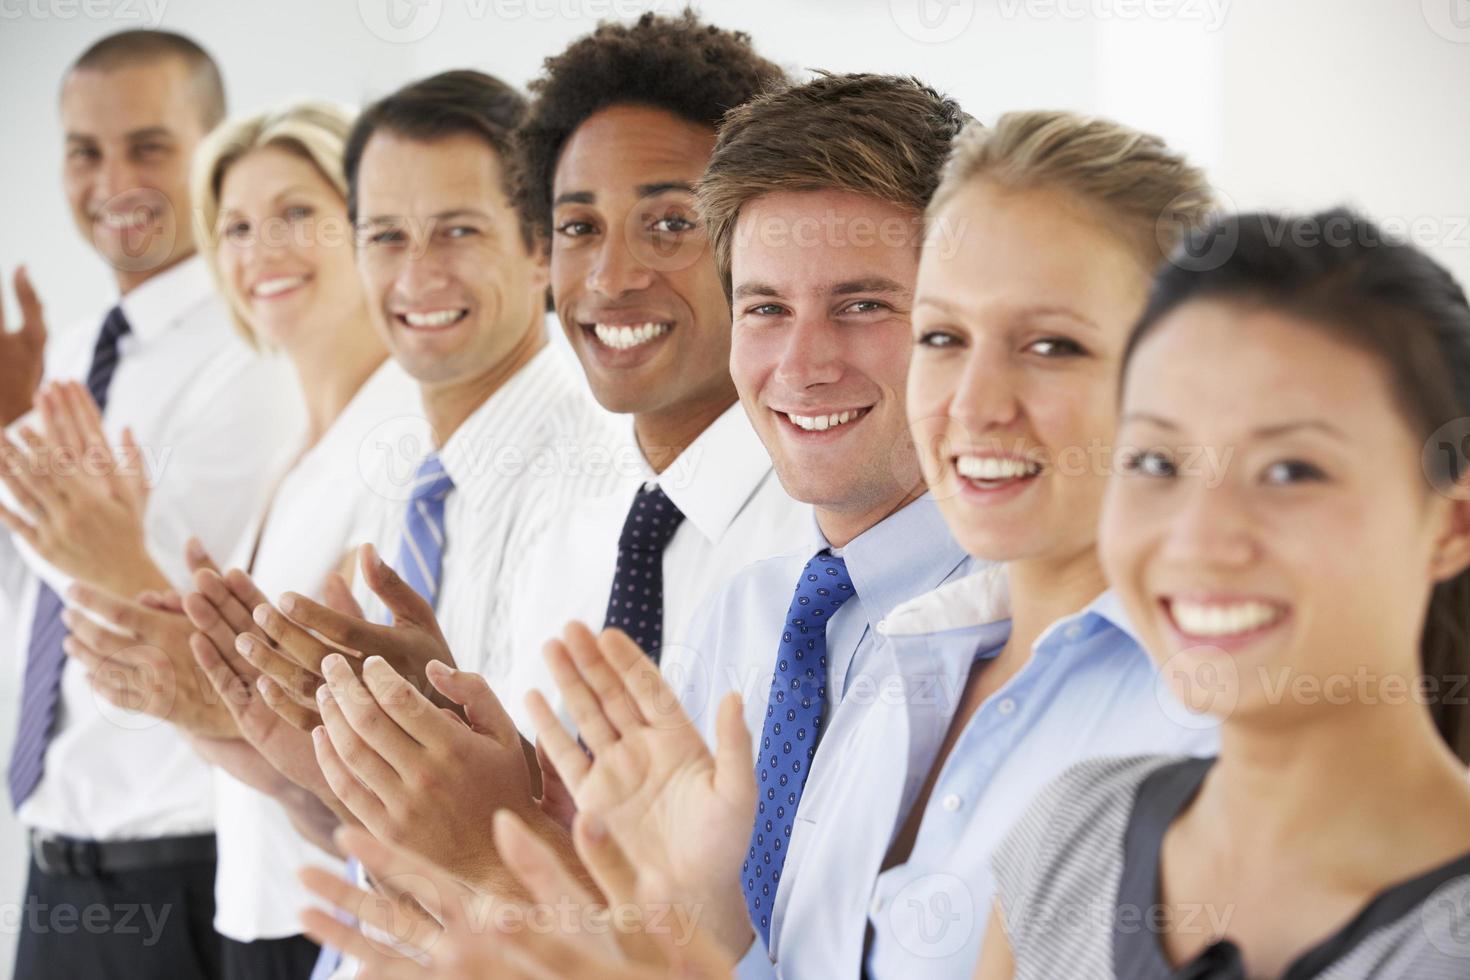 ligne de gens d'affaires heureux et positifs applaudissant photo